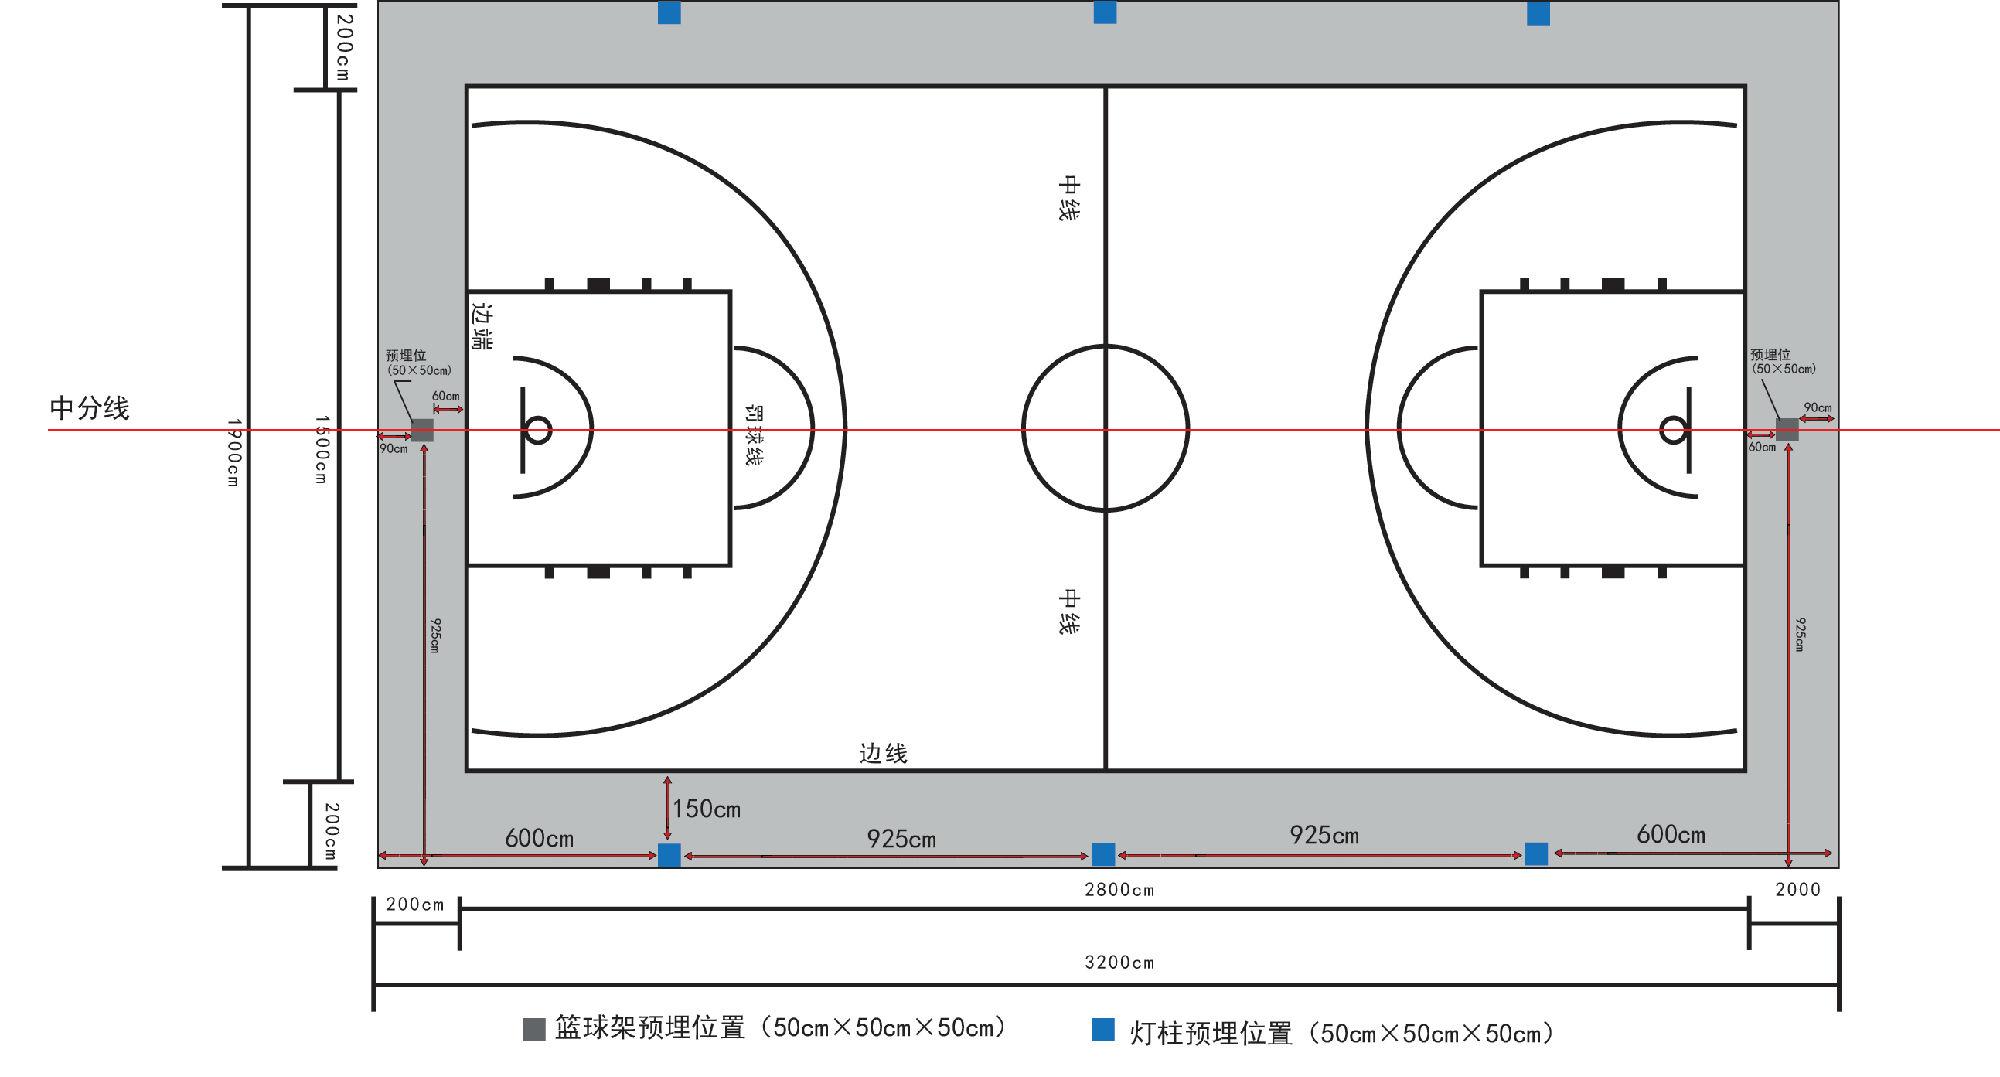 篮球场建设设备安装尺寸图